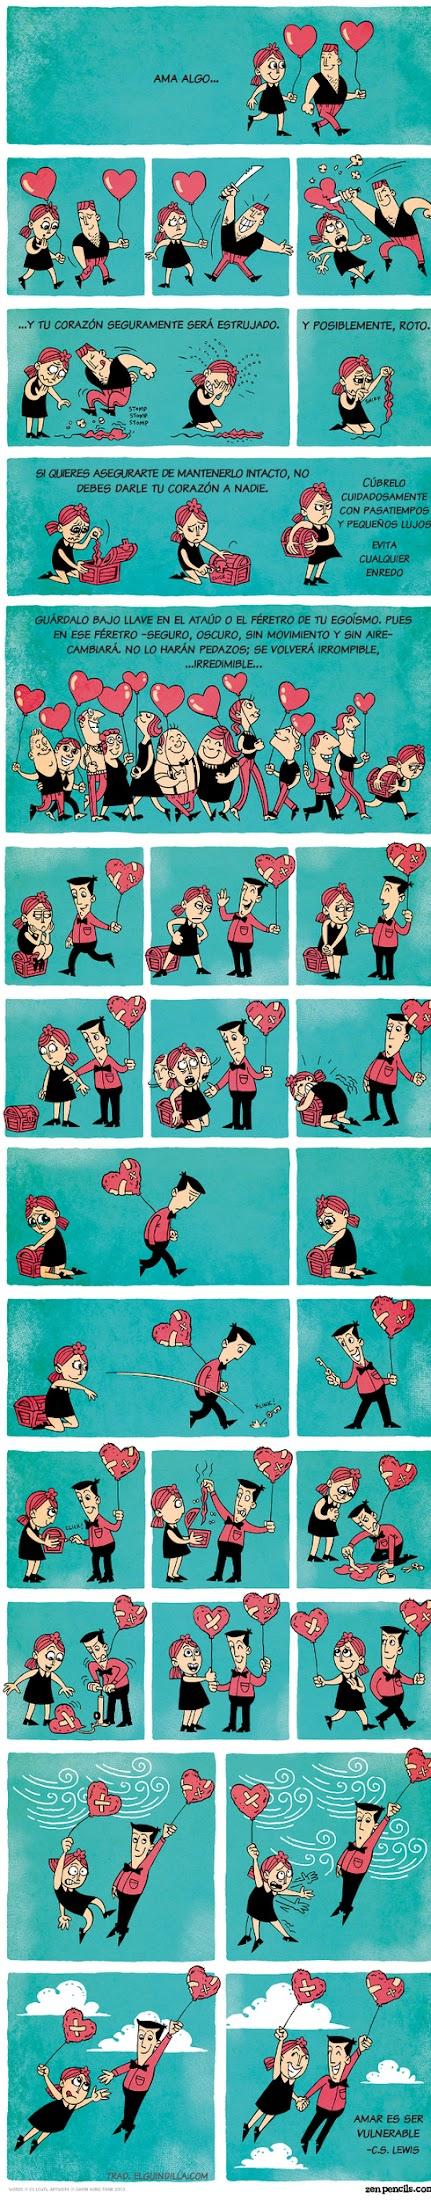 Historieta sobre el amor